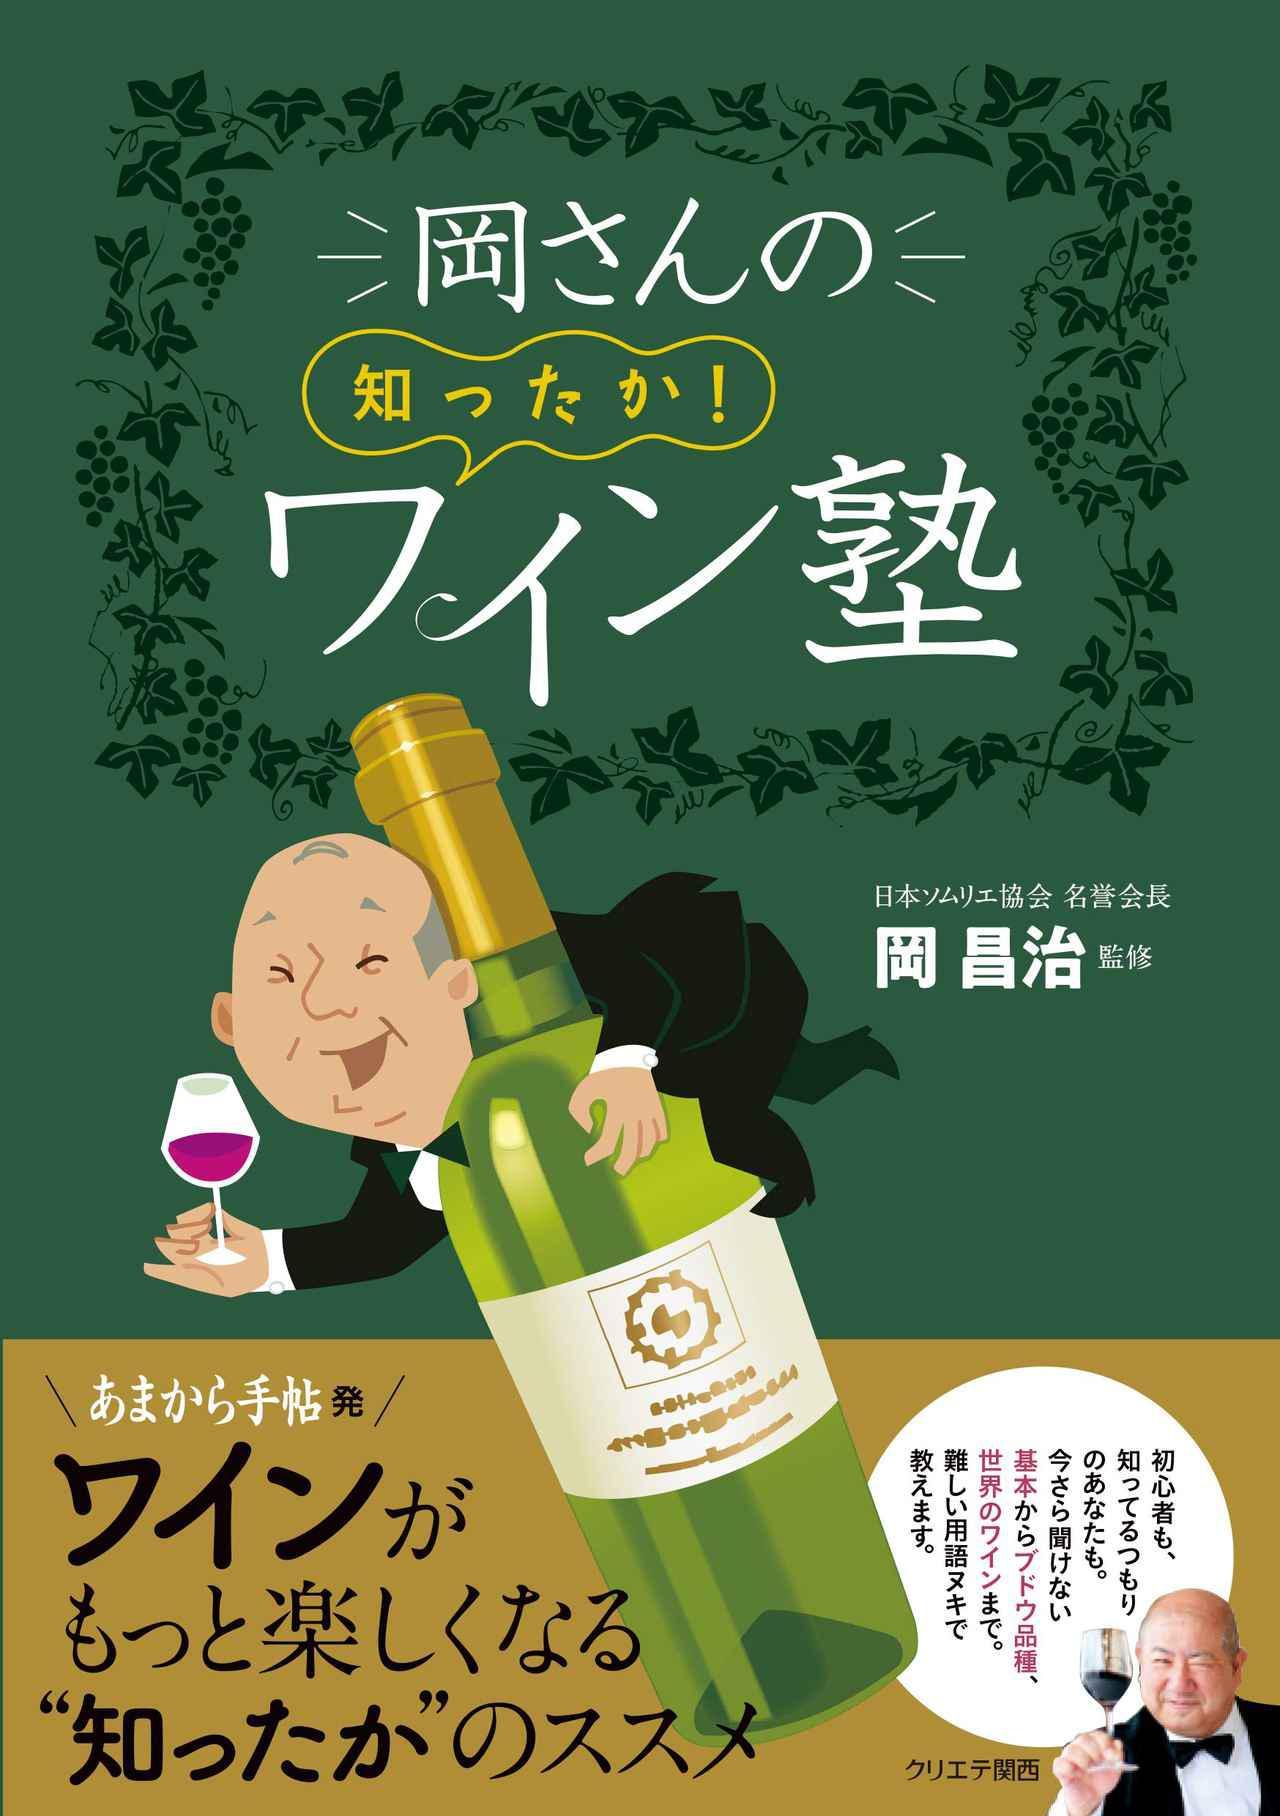 画像: 『岡さんの知ったか! ワイン塾』〜WK Library お勧めブックガイド〜